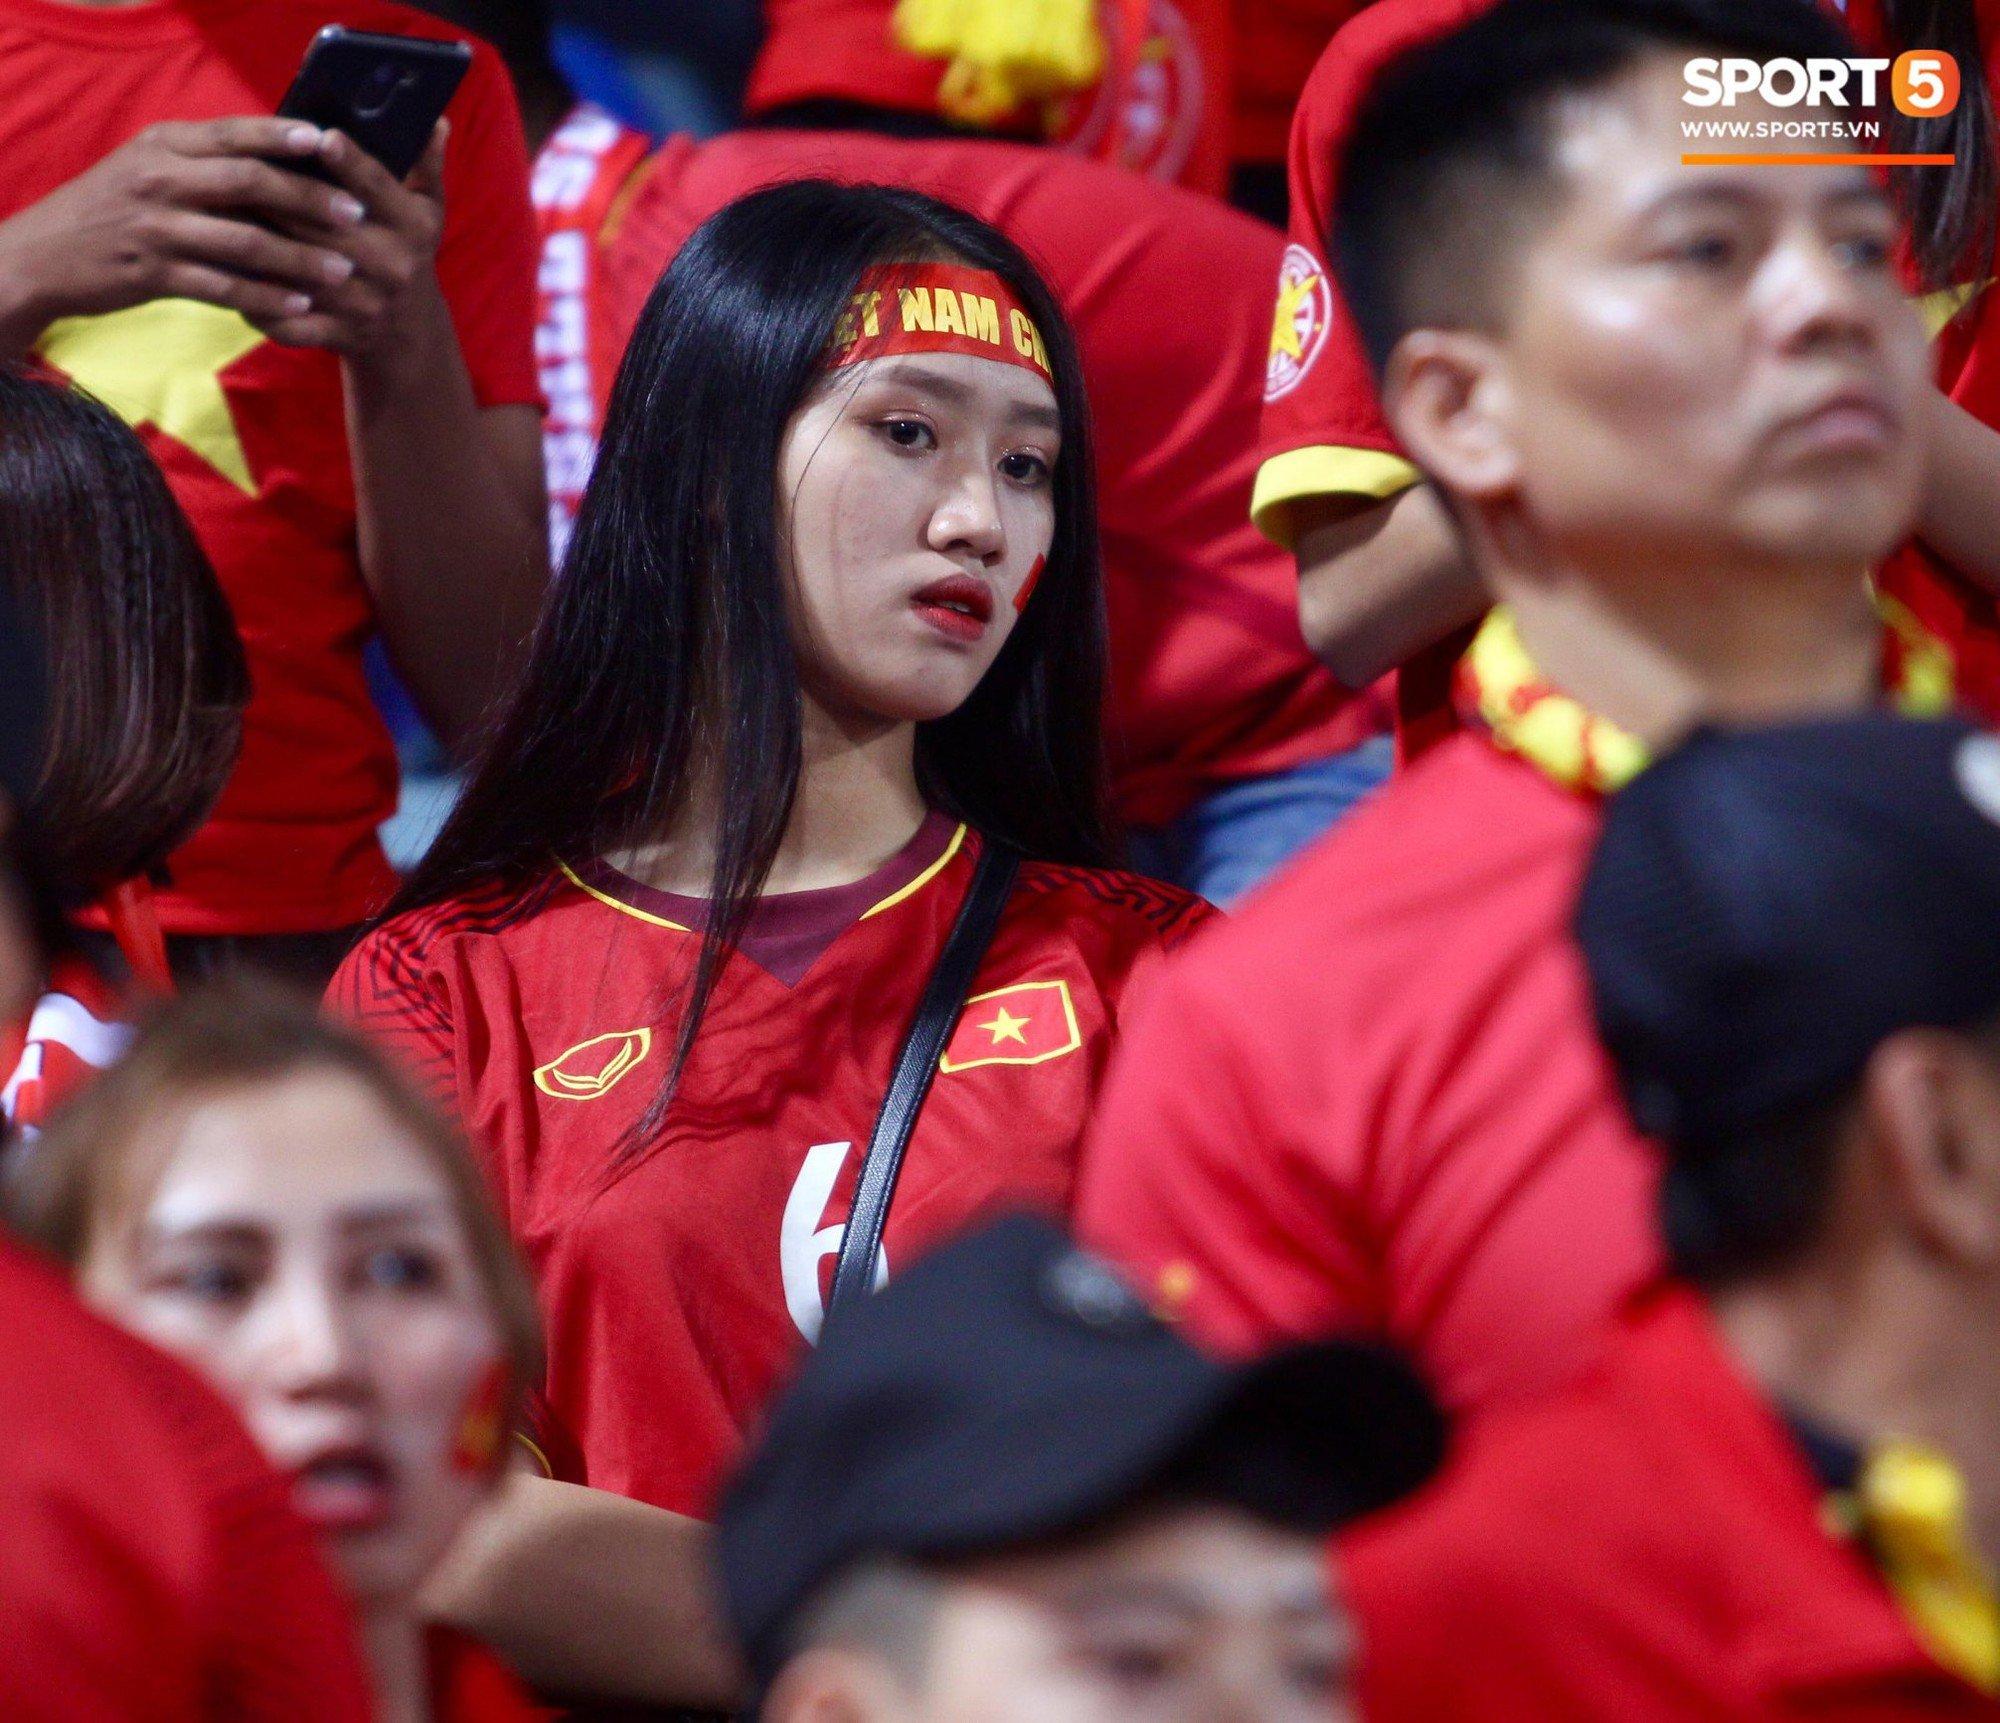 Báo Hàn Quốc ấn tượng về sự cuồng nhiệt của những fan nữ Việt Nam xinh đẹp 4